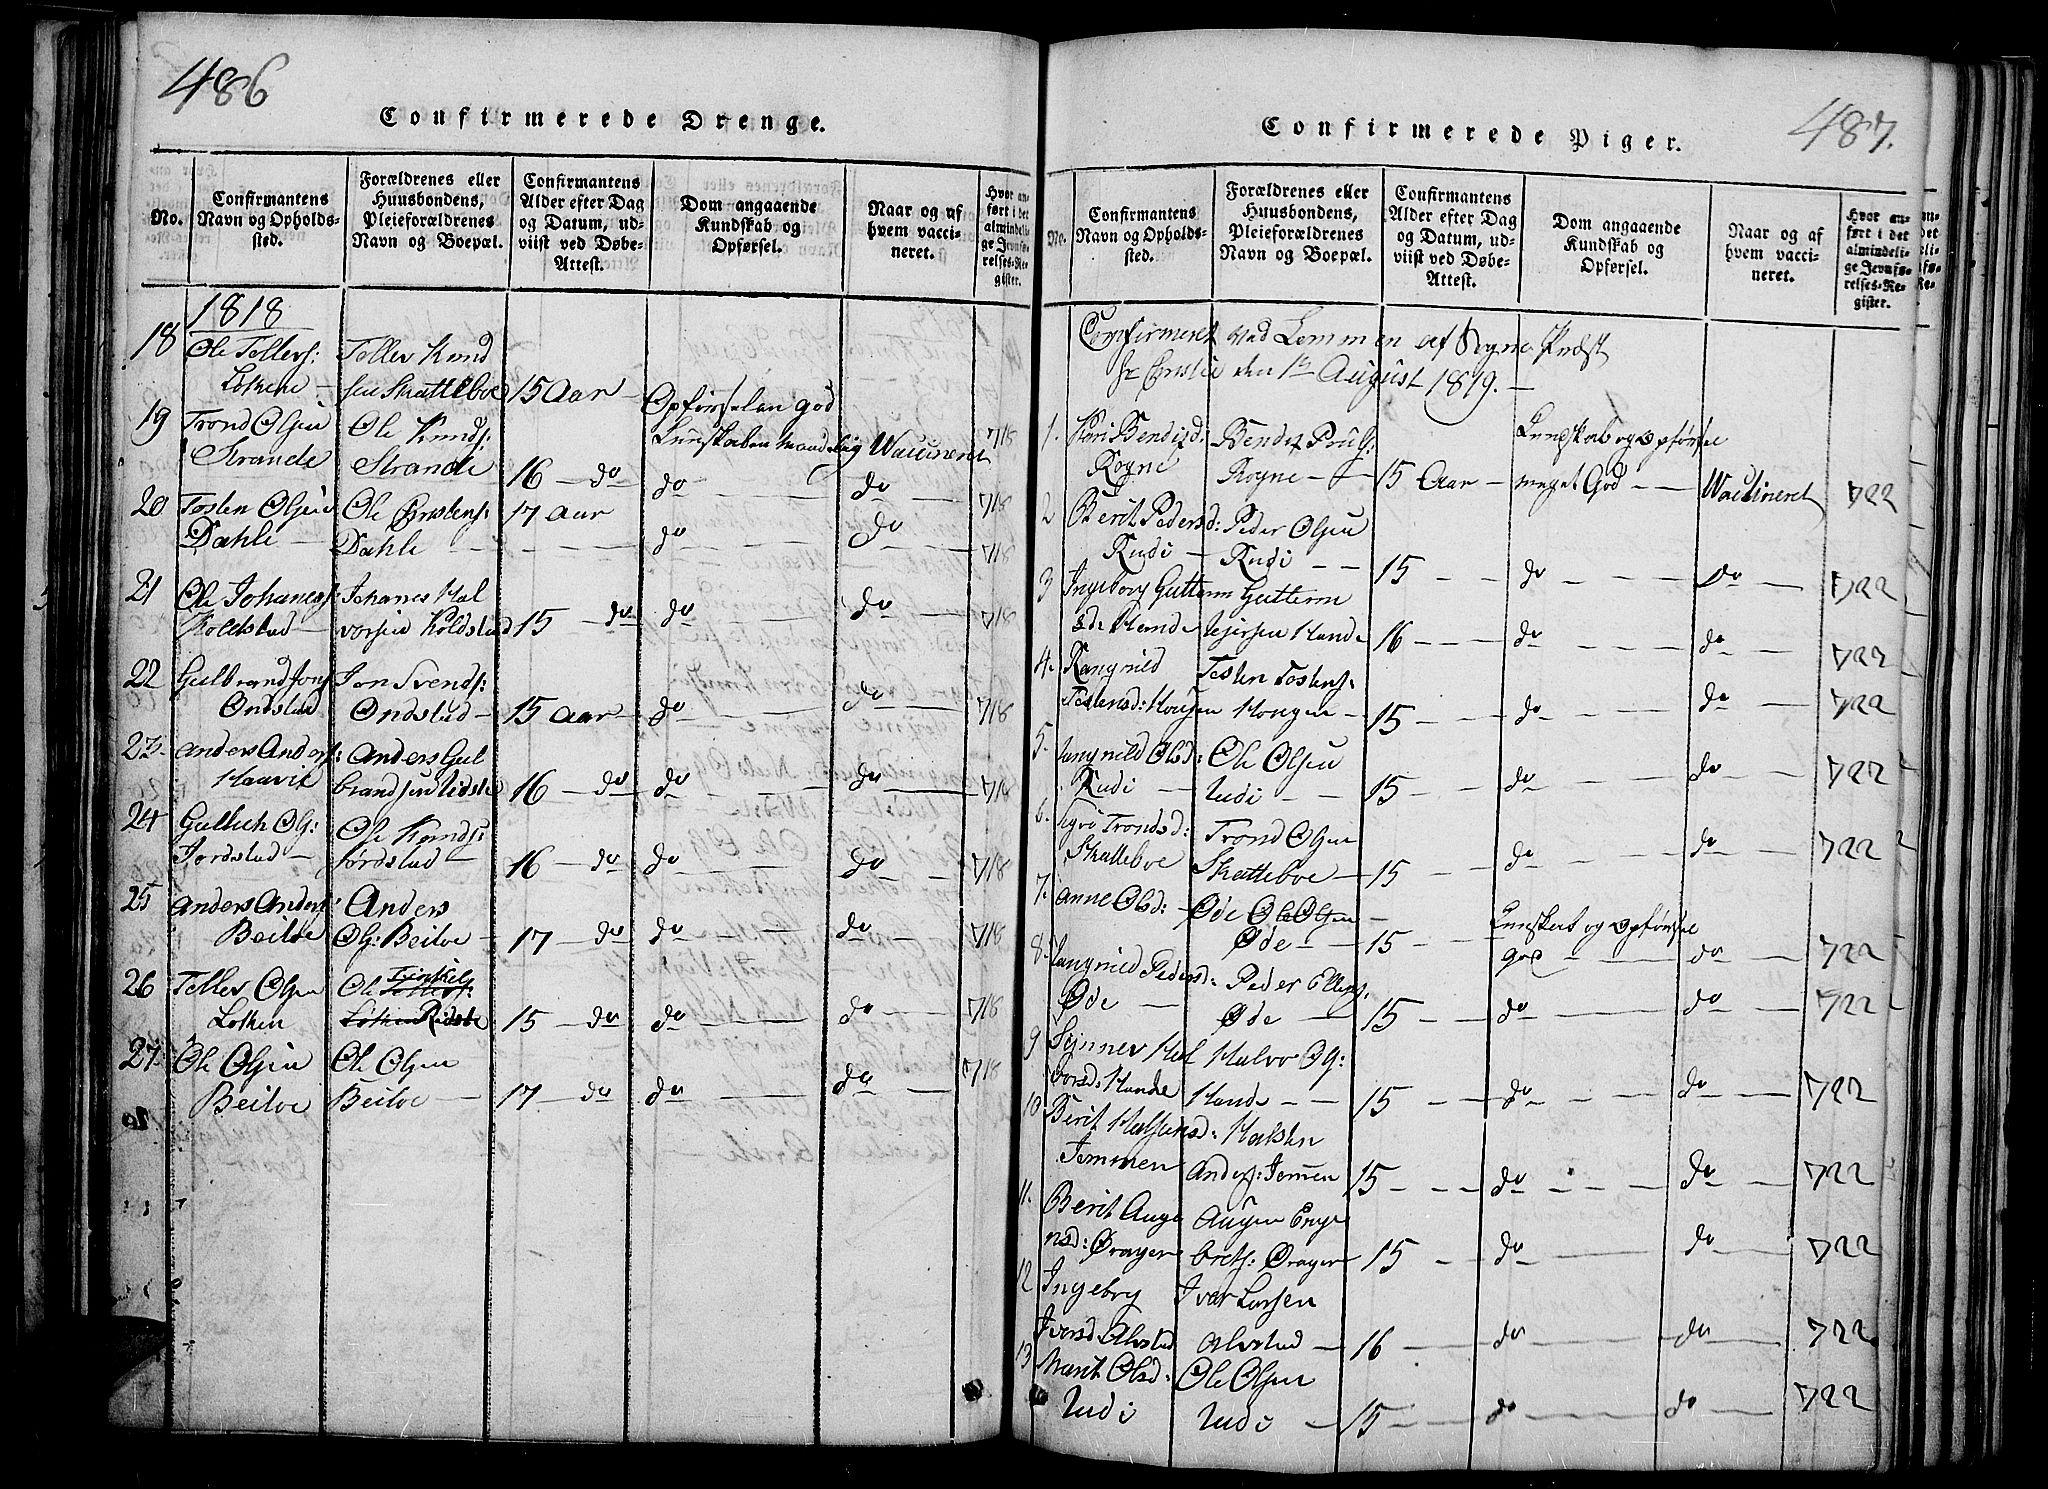 SAH, Slidre prestekontor, Ministerialbok nr. 2, 1814-1830, s. 486-487